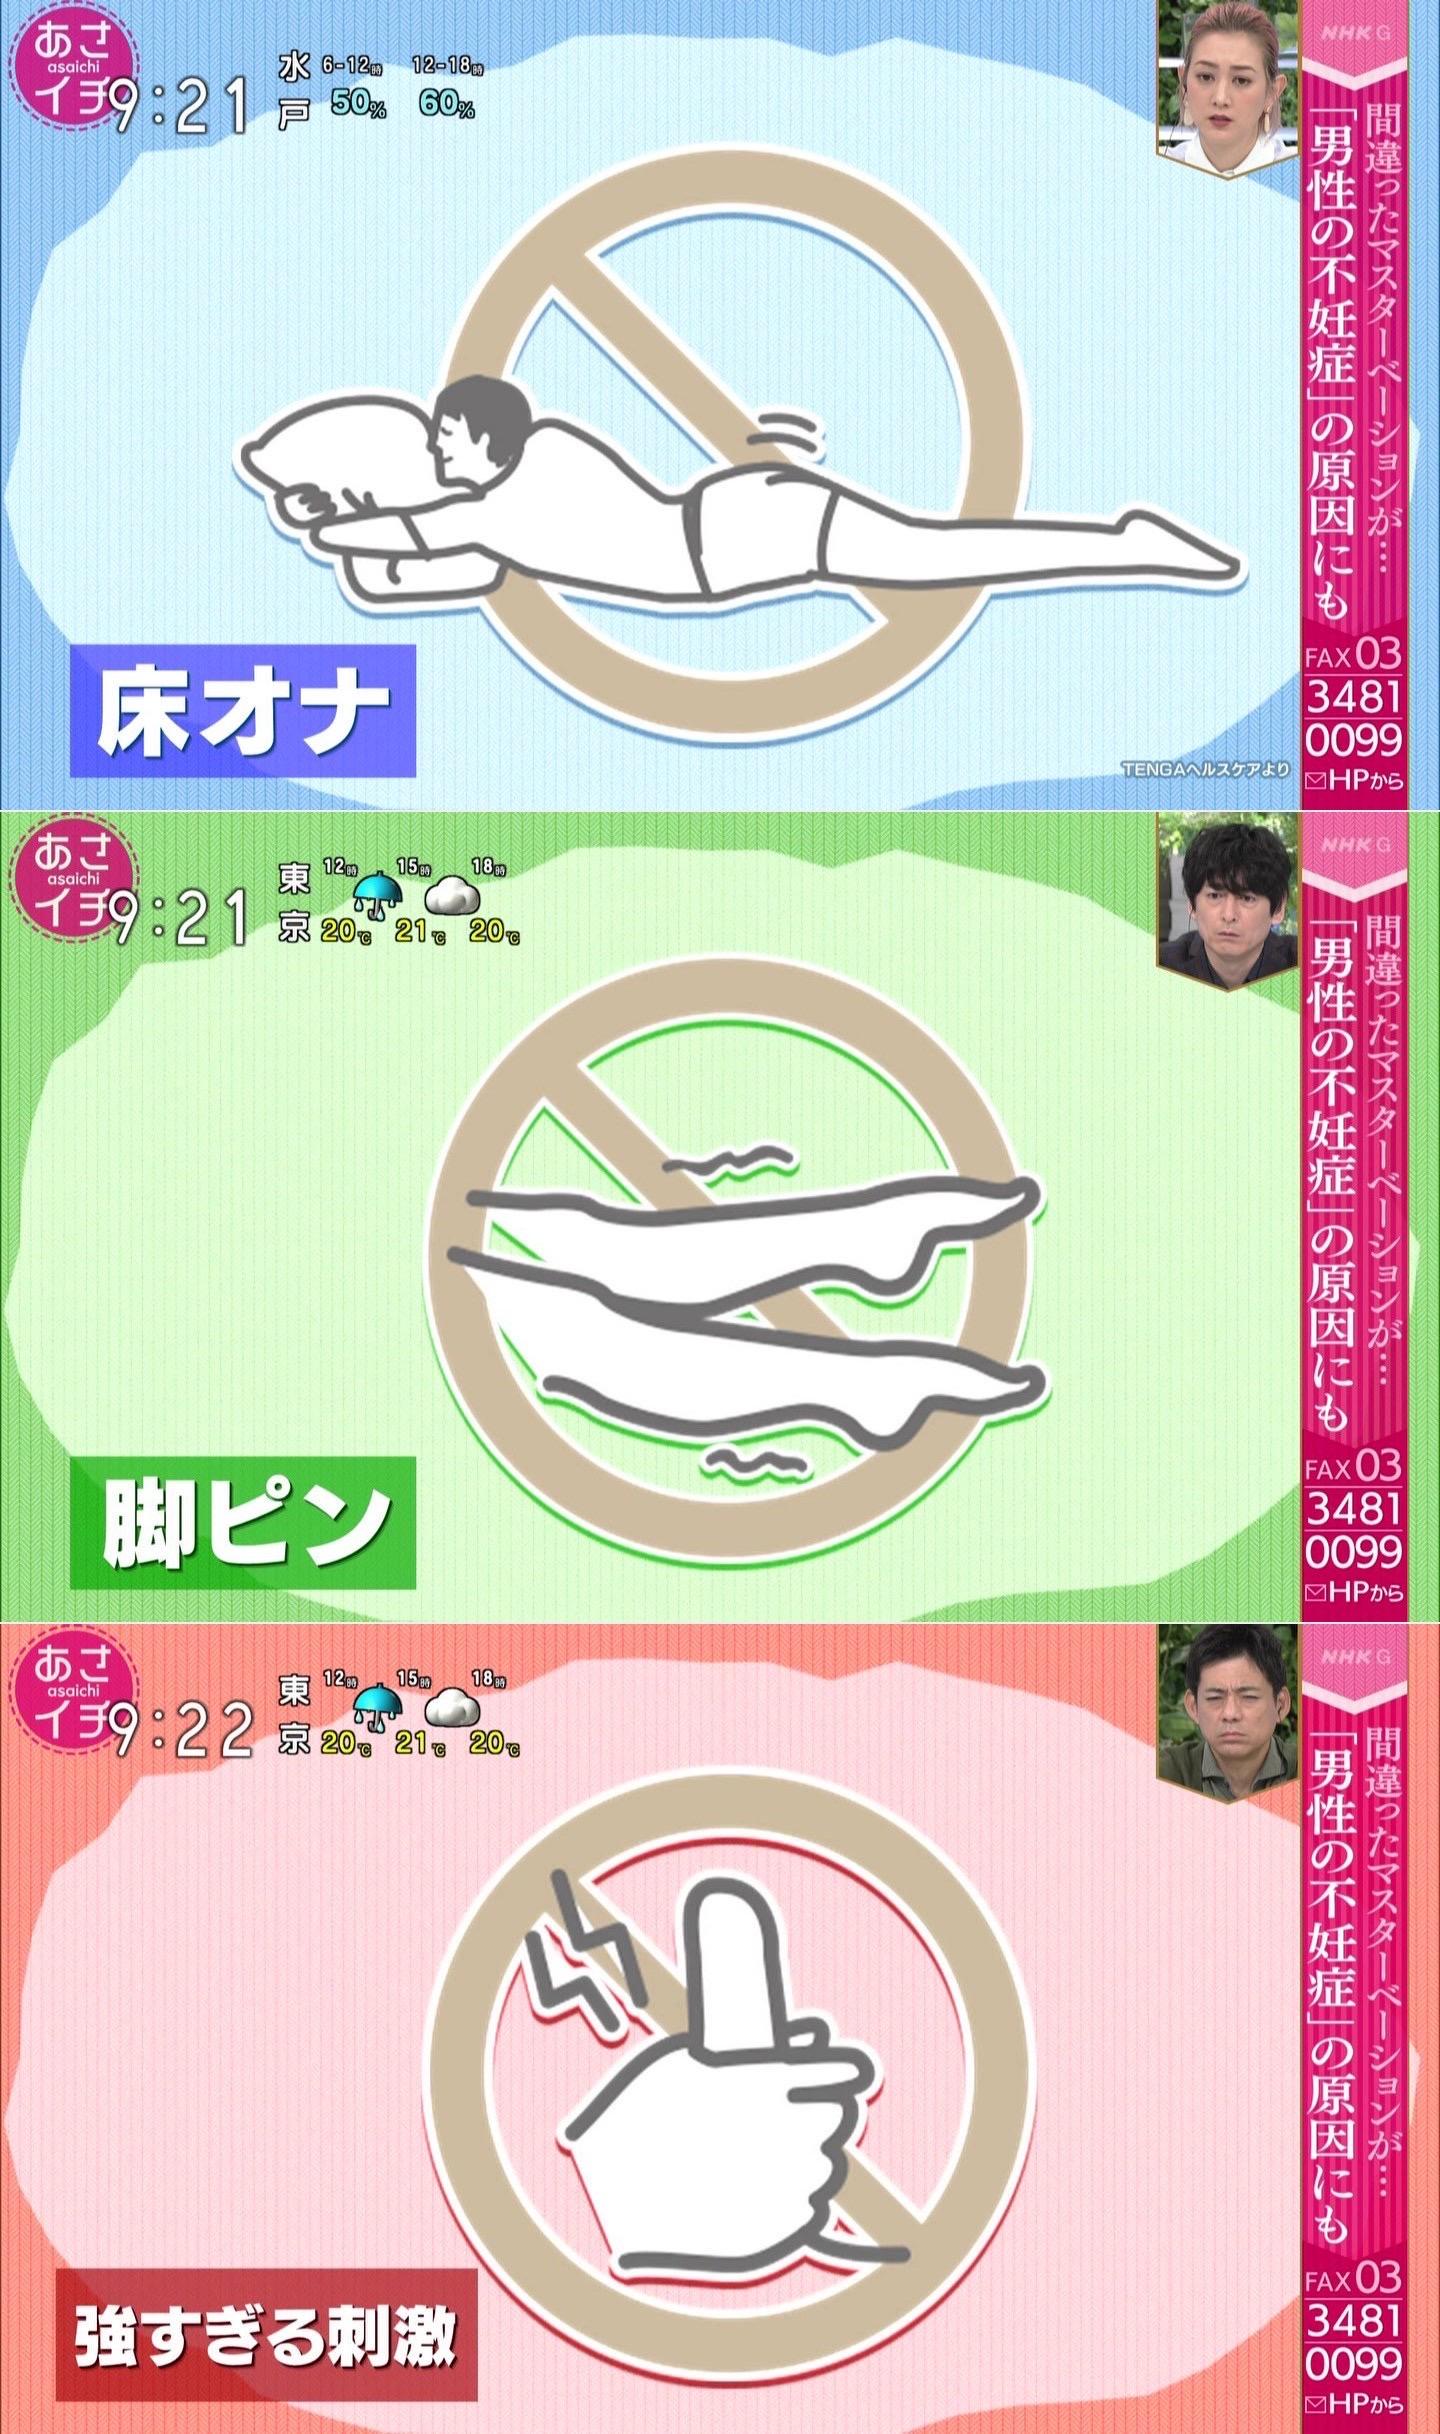 【原因】間違ったオナニーのせいでセ〇クスでイけない男性急増、NHKが特集